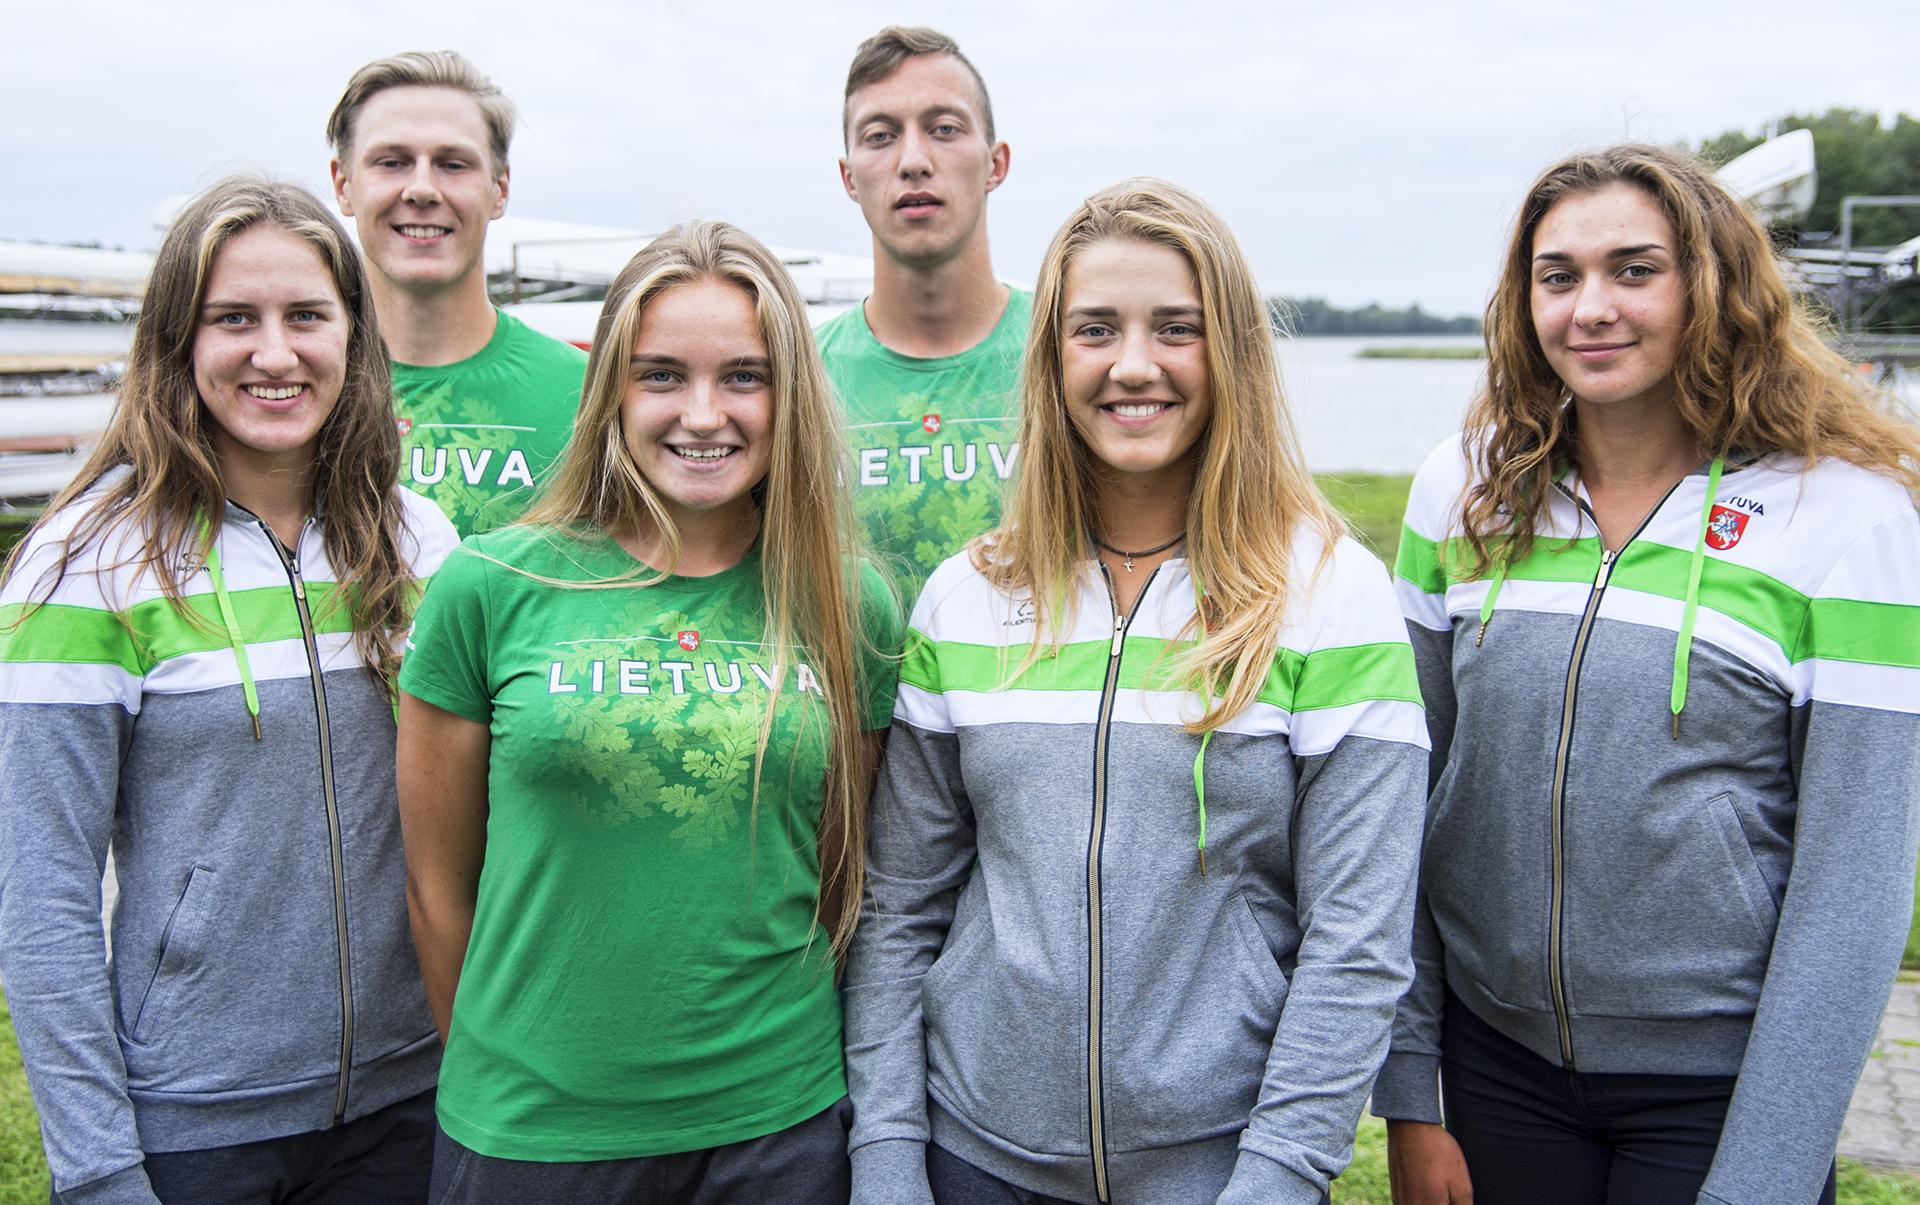 Jaunieji irkluotojai apie startus pasaulio čempionate: parodysime, ko esame verti